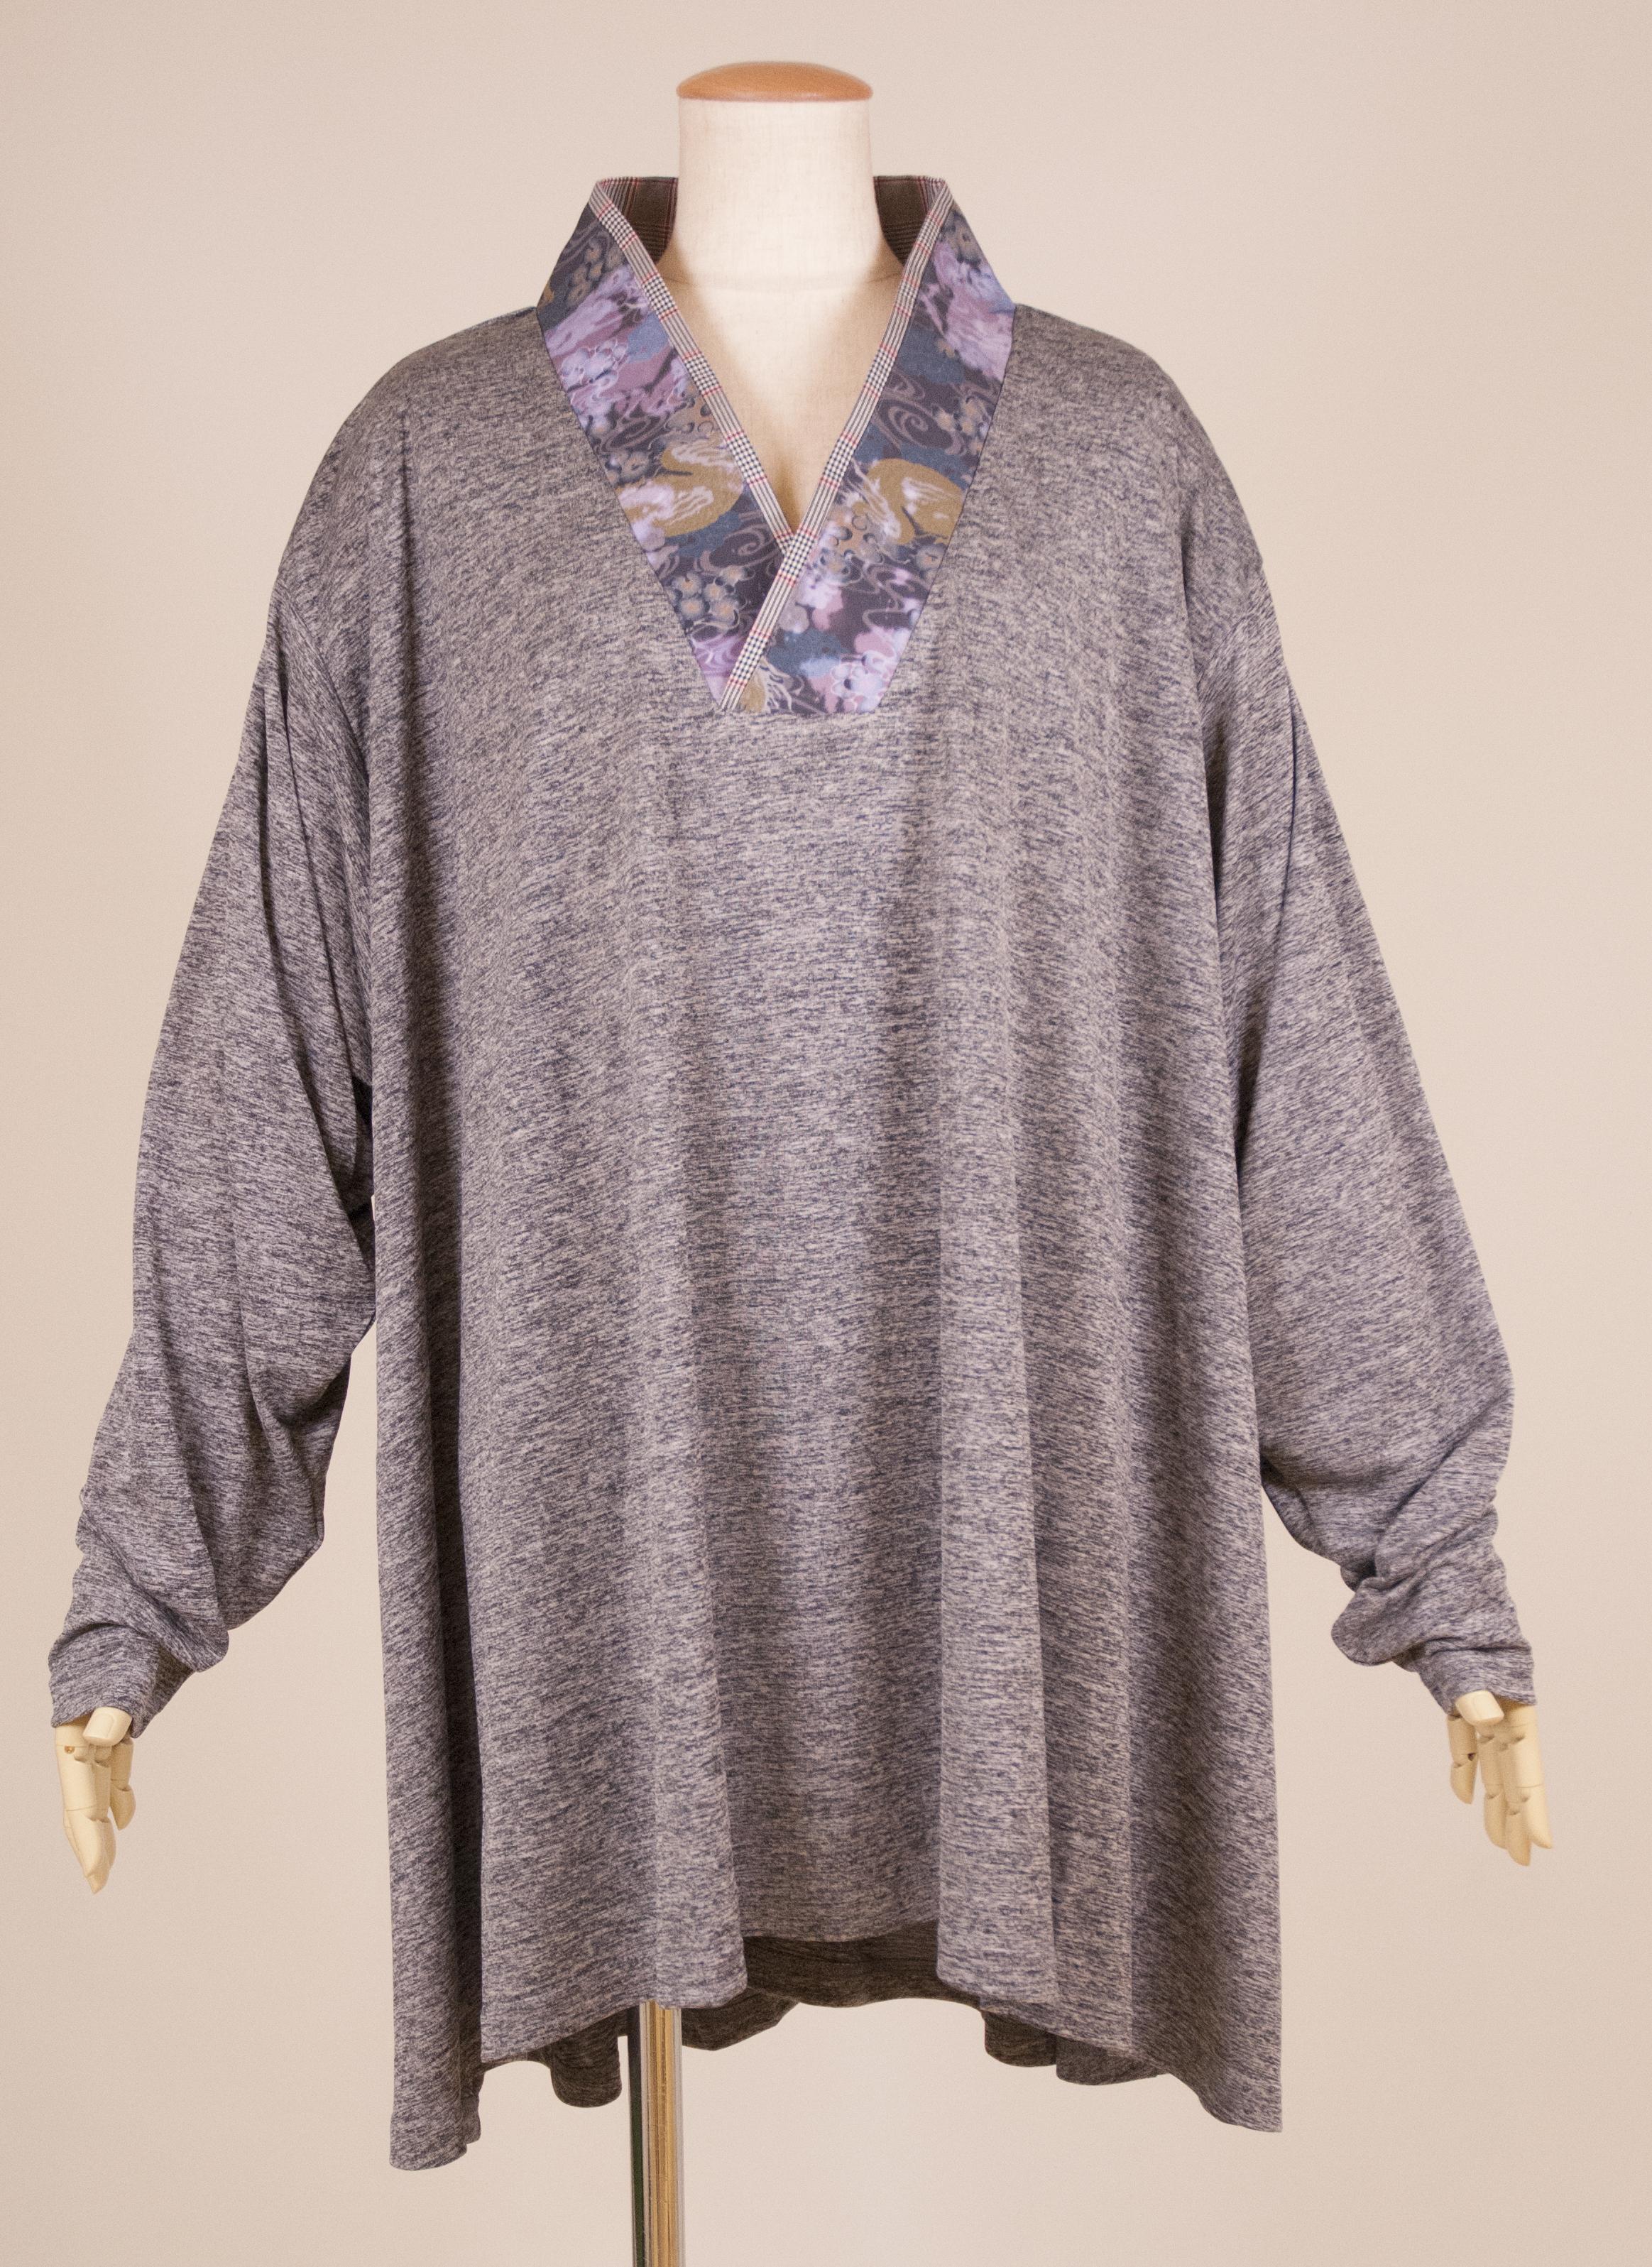 gouk侍 グレンチェックと和柄を組み合わせた着物襟のトップス GGD28-T831 GY/MM